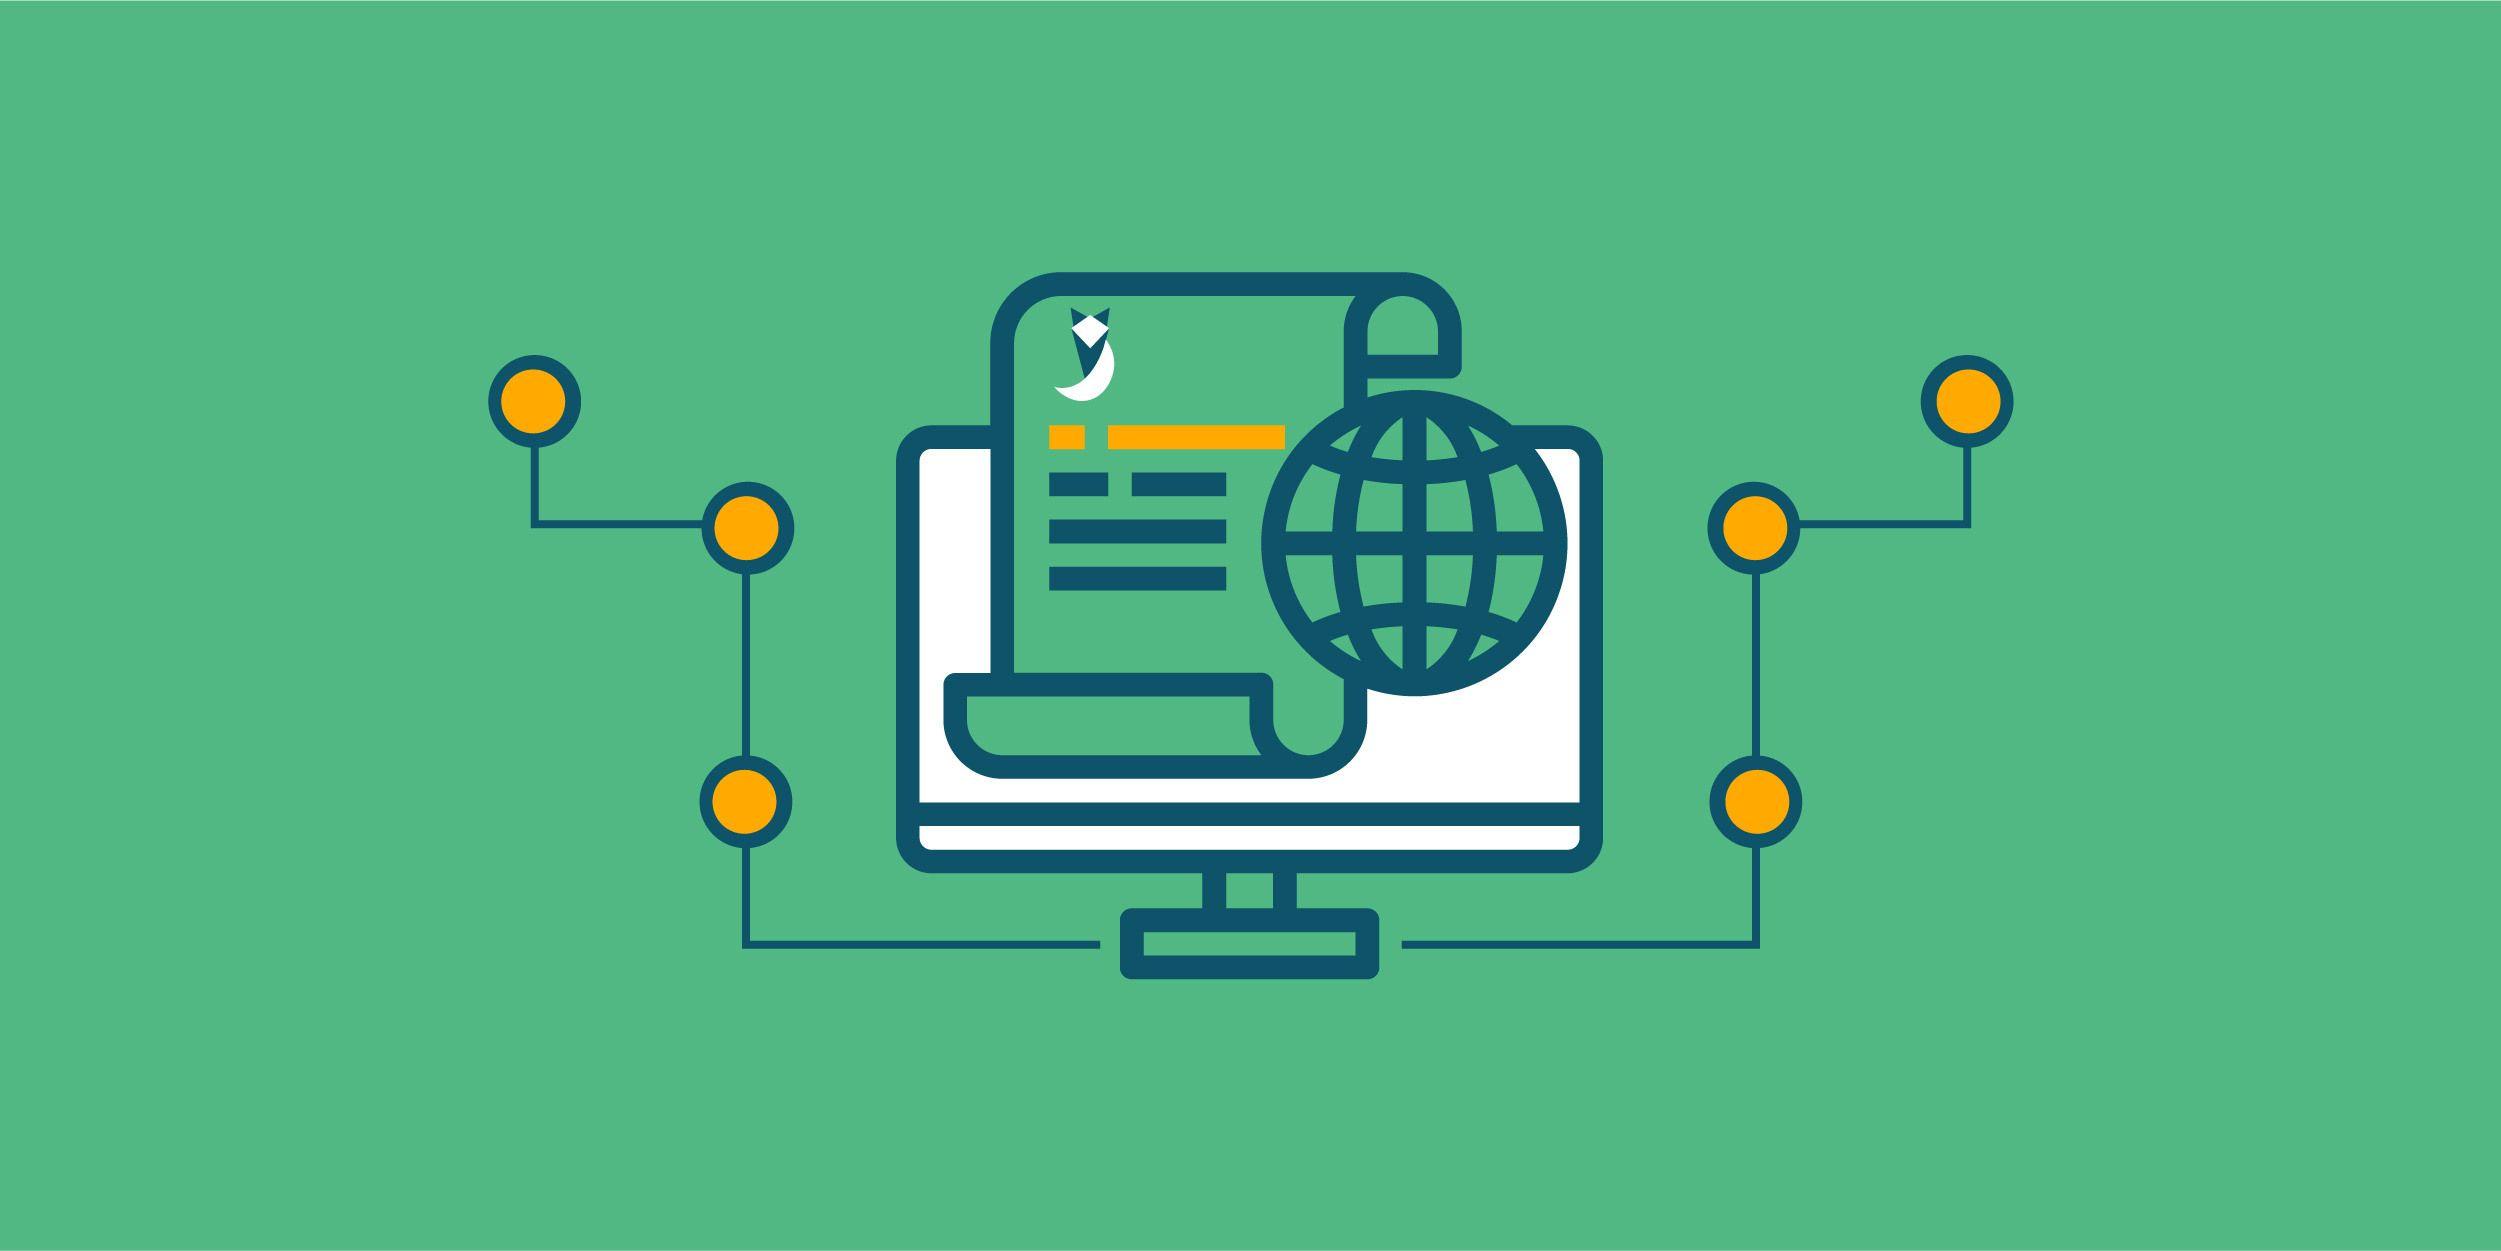 مستقبل الخدمات الحكومية في مصر: منصة مصر الرقمية